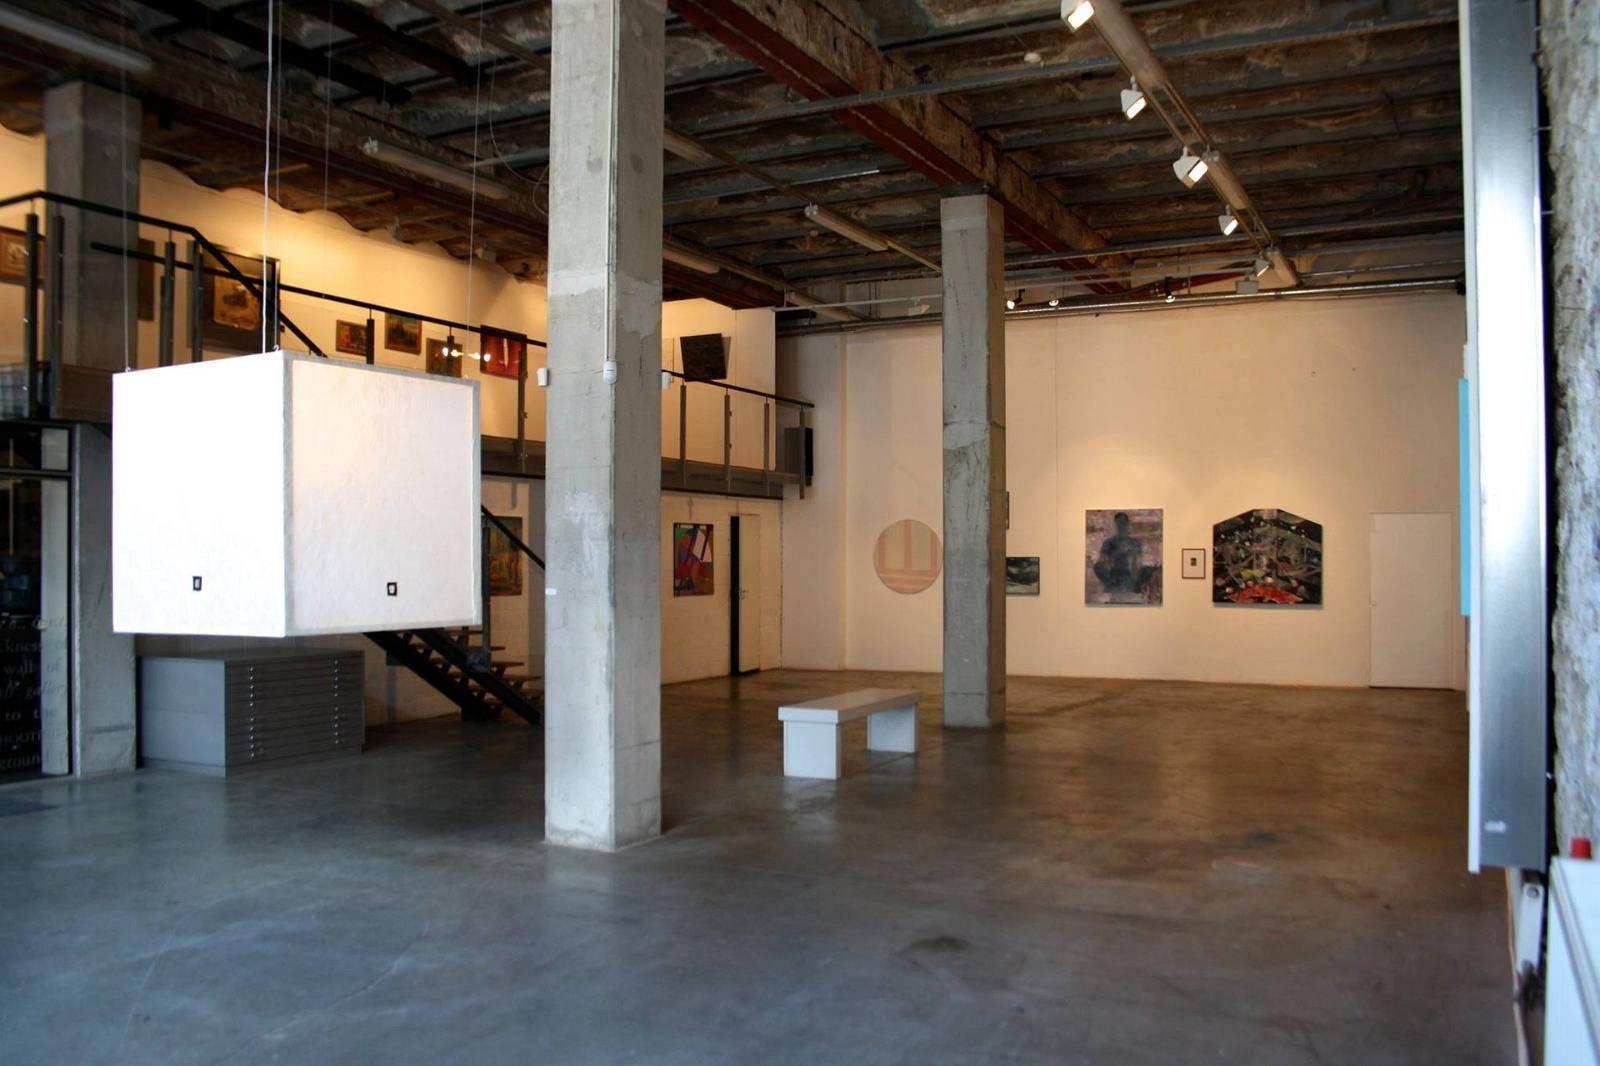 gallery indoor view